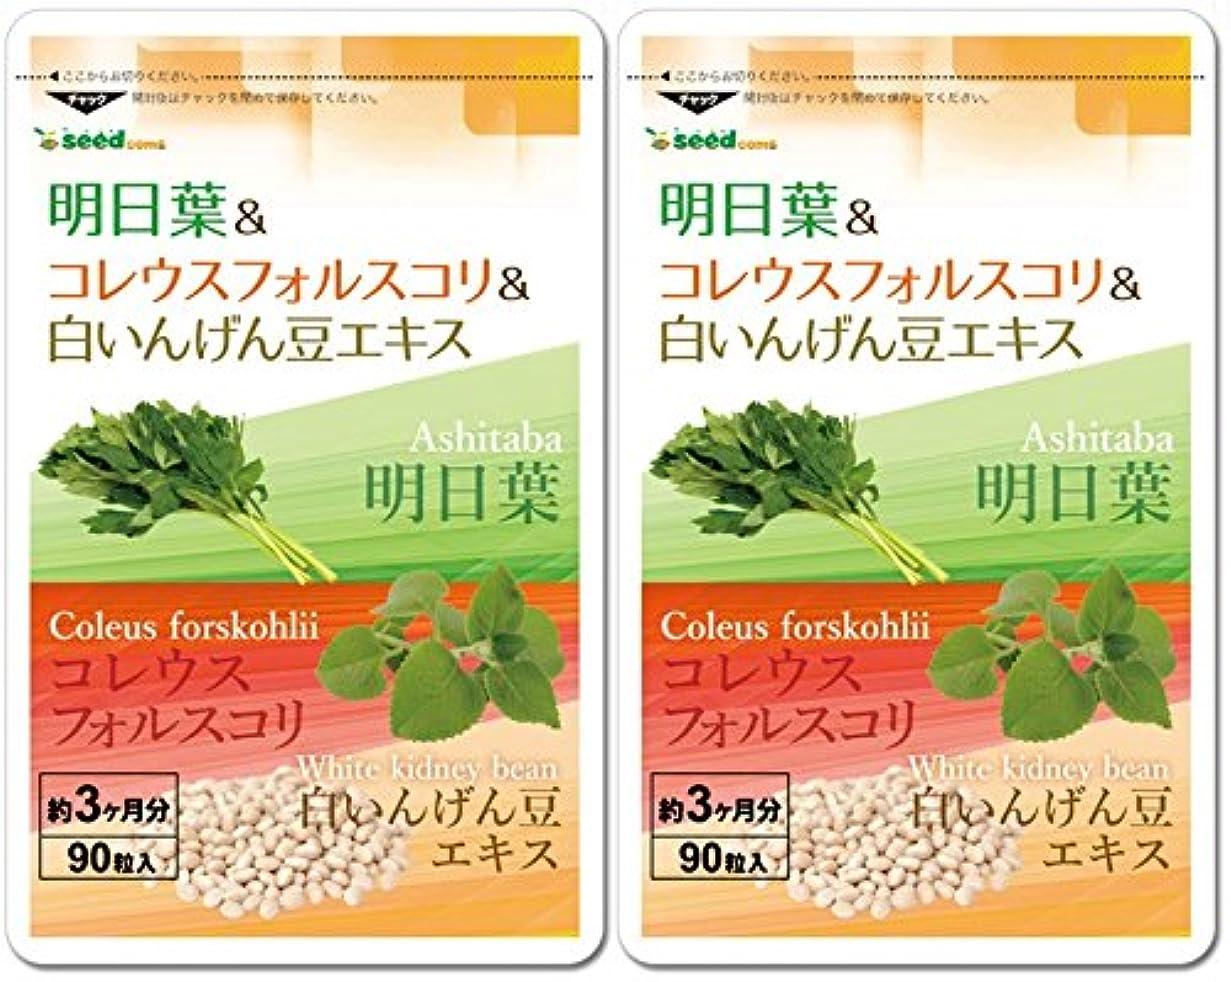 漂流肉屋傾向があります明日葉&コレウスフォルスコリ&白いんげん豆エキス (約6ヶ月分/180粒) スッキリ&燃焼系&糖質バリアの3大ダイエット成分